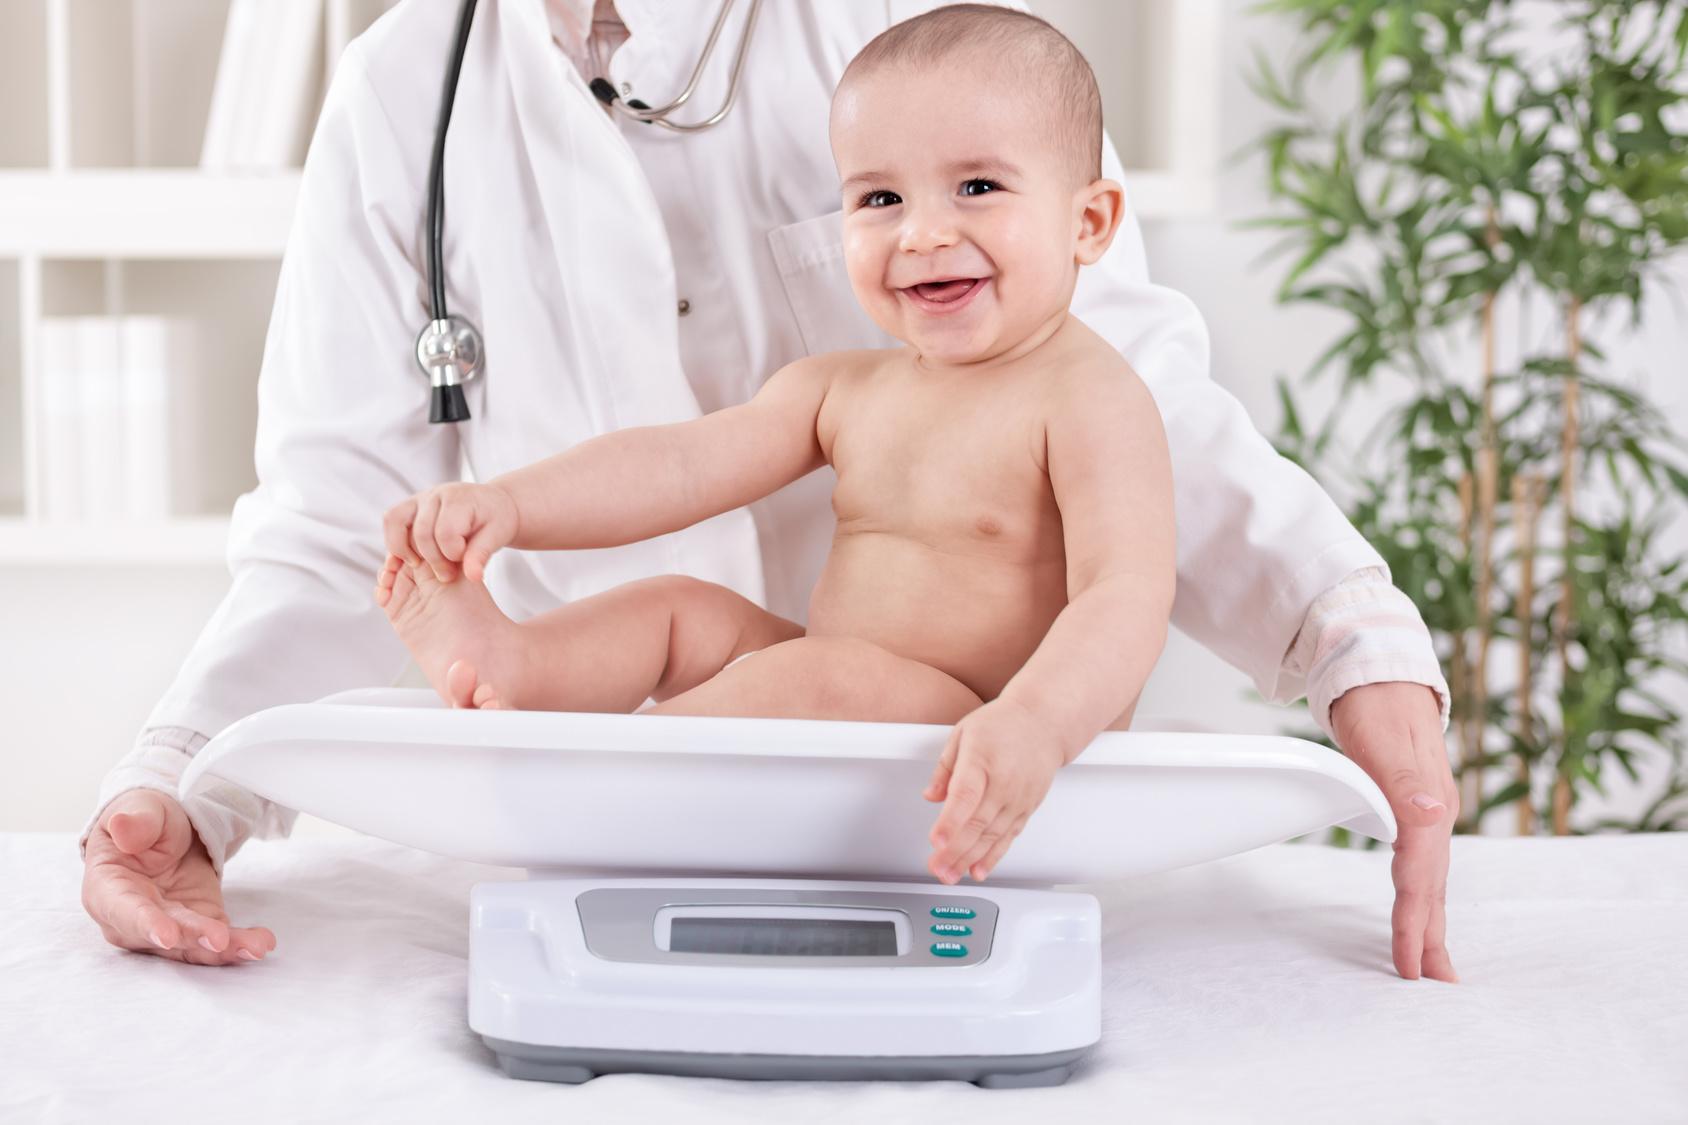 Рейтинг лучших медицинских весов на 2020 год